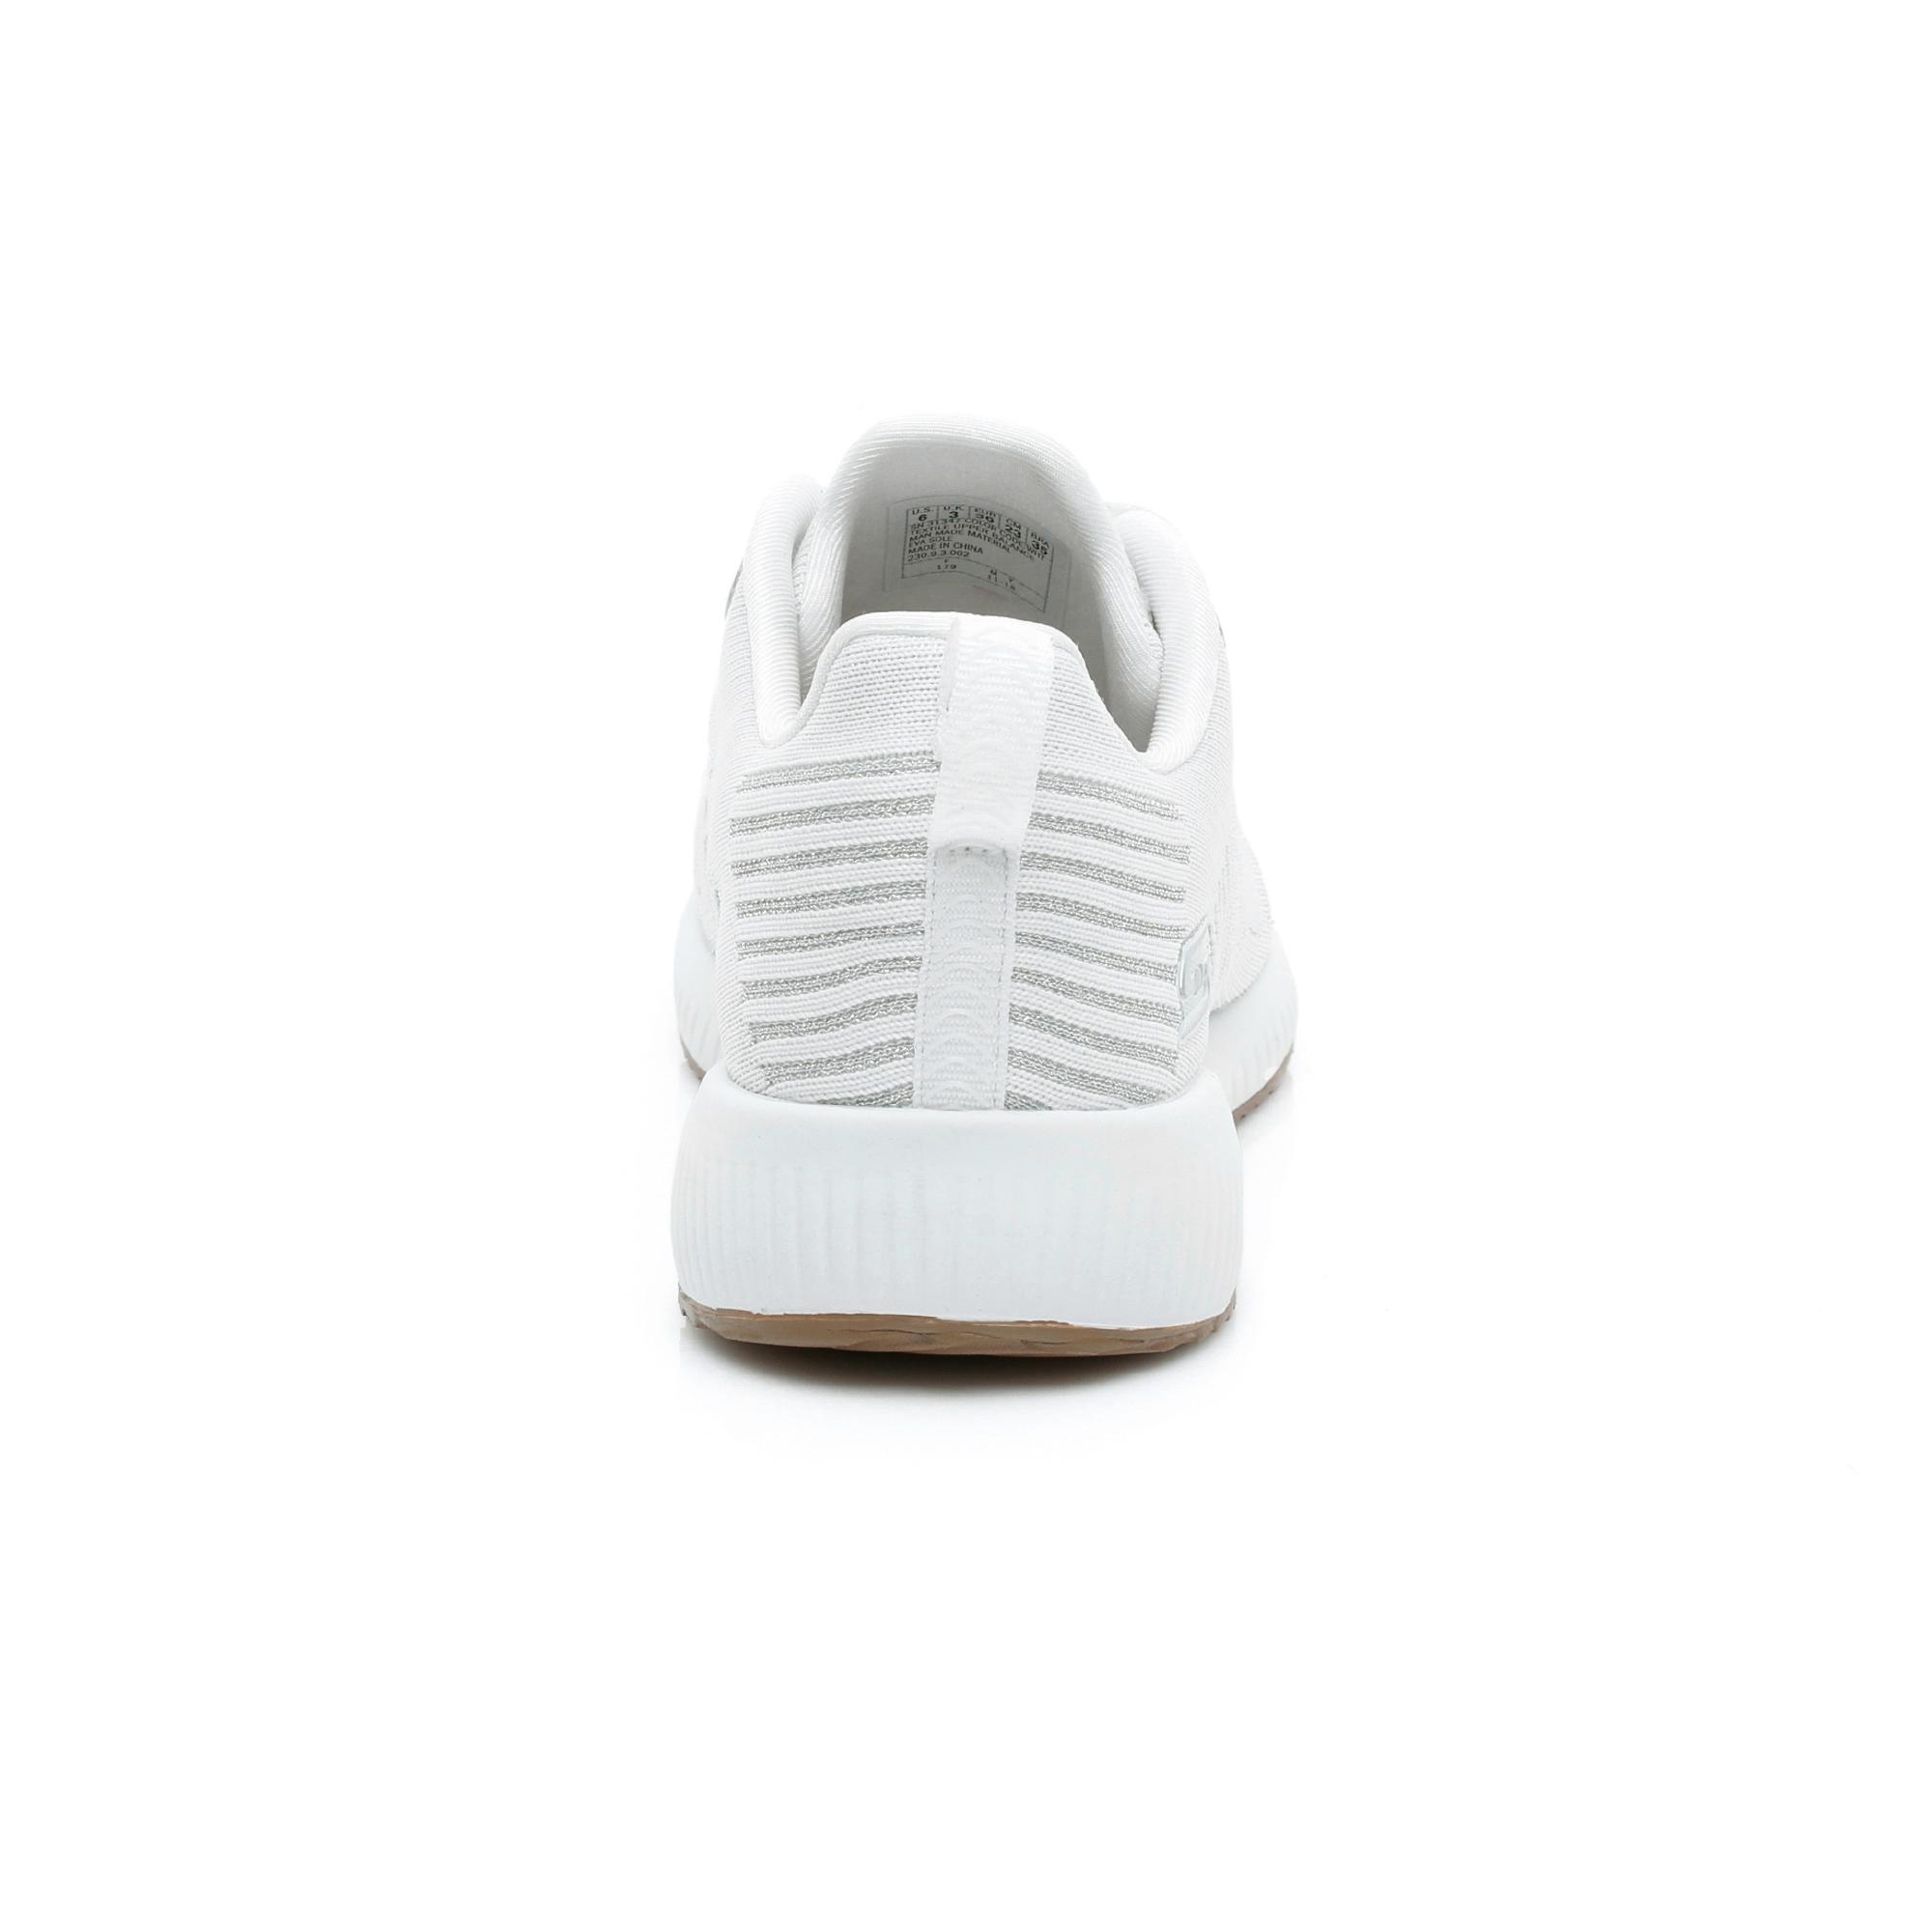 Skechers Bobs Squad - Glam League Kadın Beyaz Spor Ayakkabı